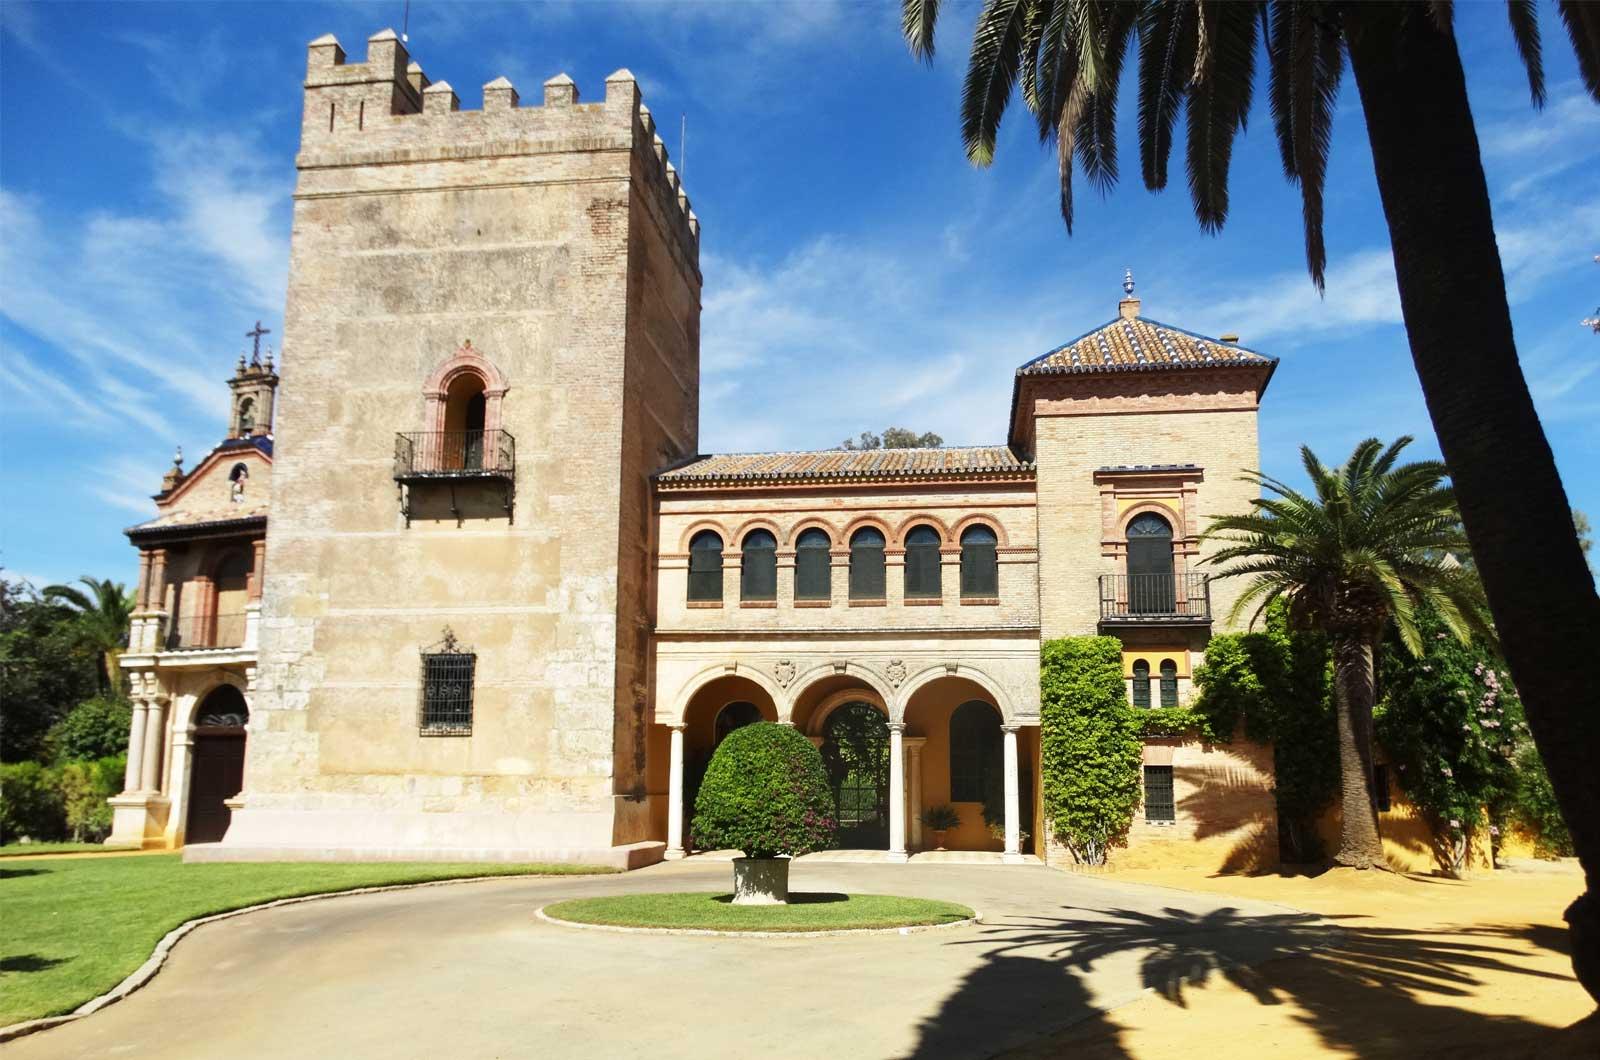 Castillos de la Monclova<div style='clear:both;width:100%;height:0px;'></div><span class='cat'>Castillo de la Monclova</span><div style='clear:both;width:100%;height:0px;'></div><span class='desc'>Castillos de la Monclova</span>